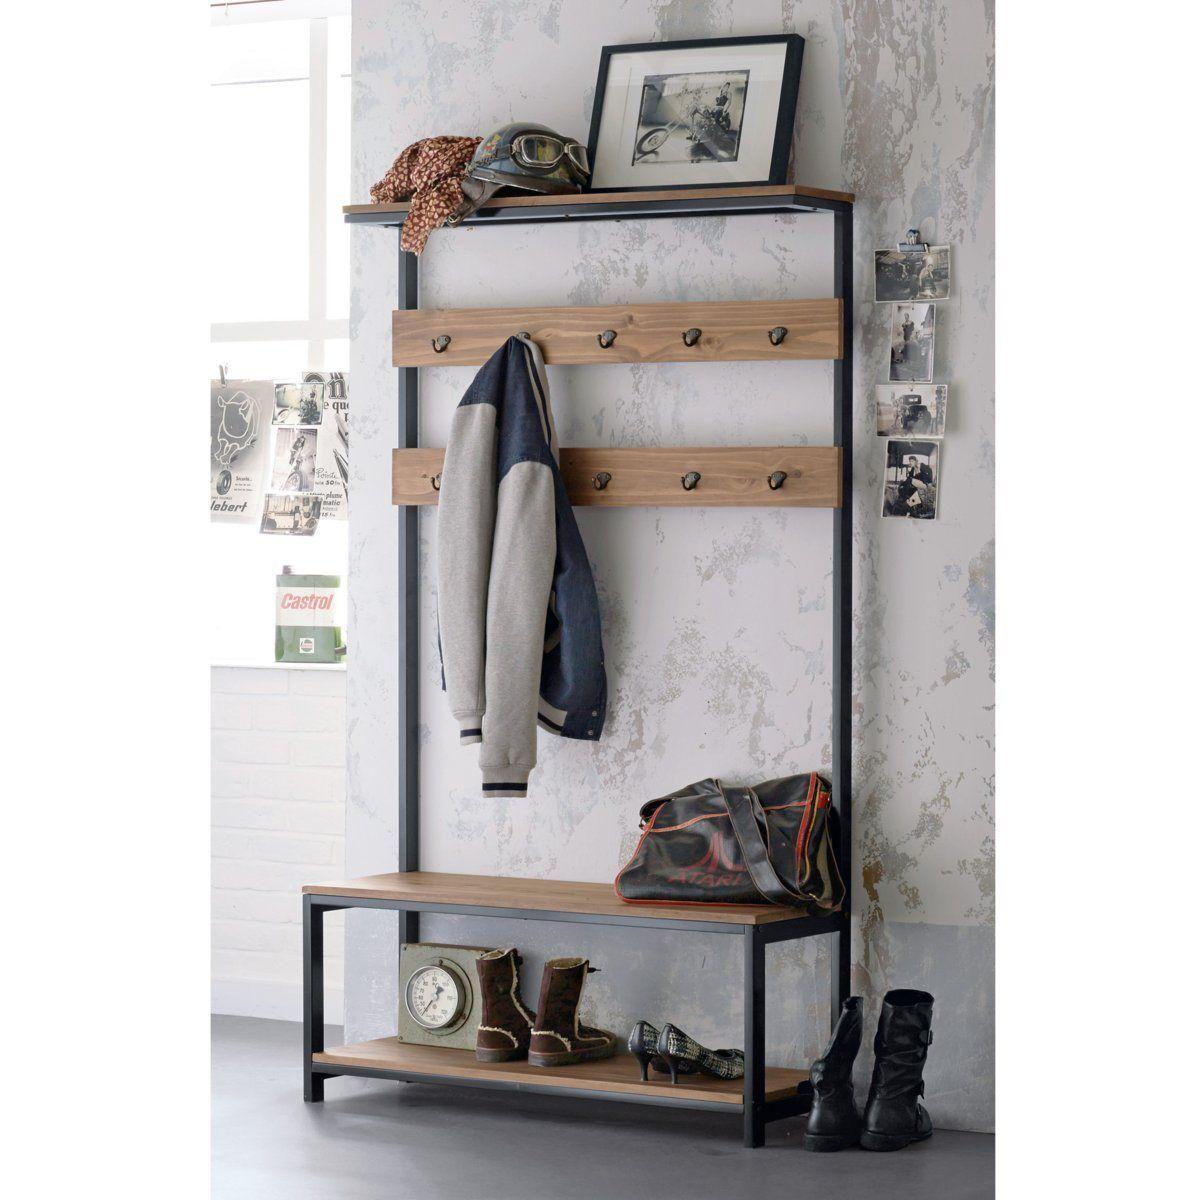 Meuble D Entrée Industriel meuble d'entrée hiba | meuble entrée, mobilier de salon et